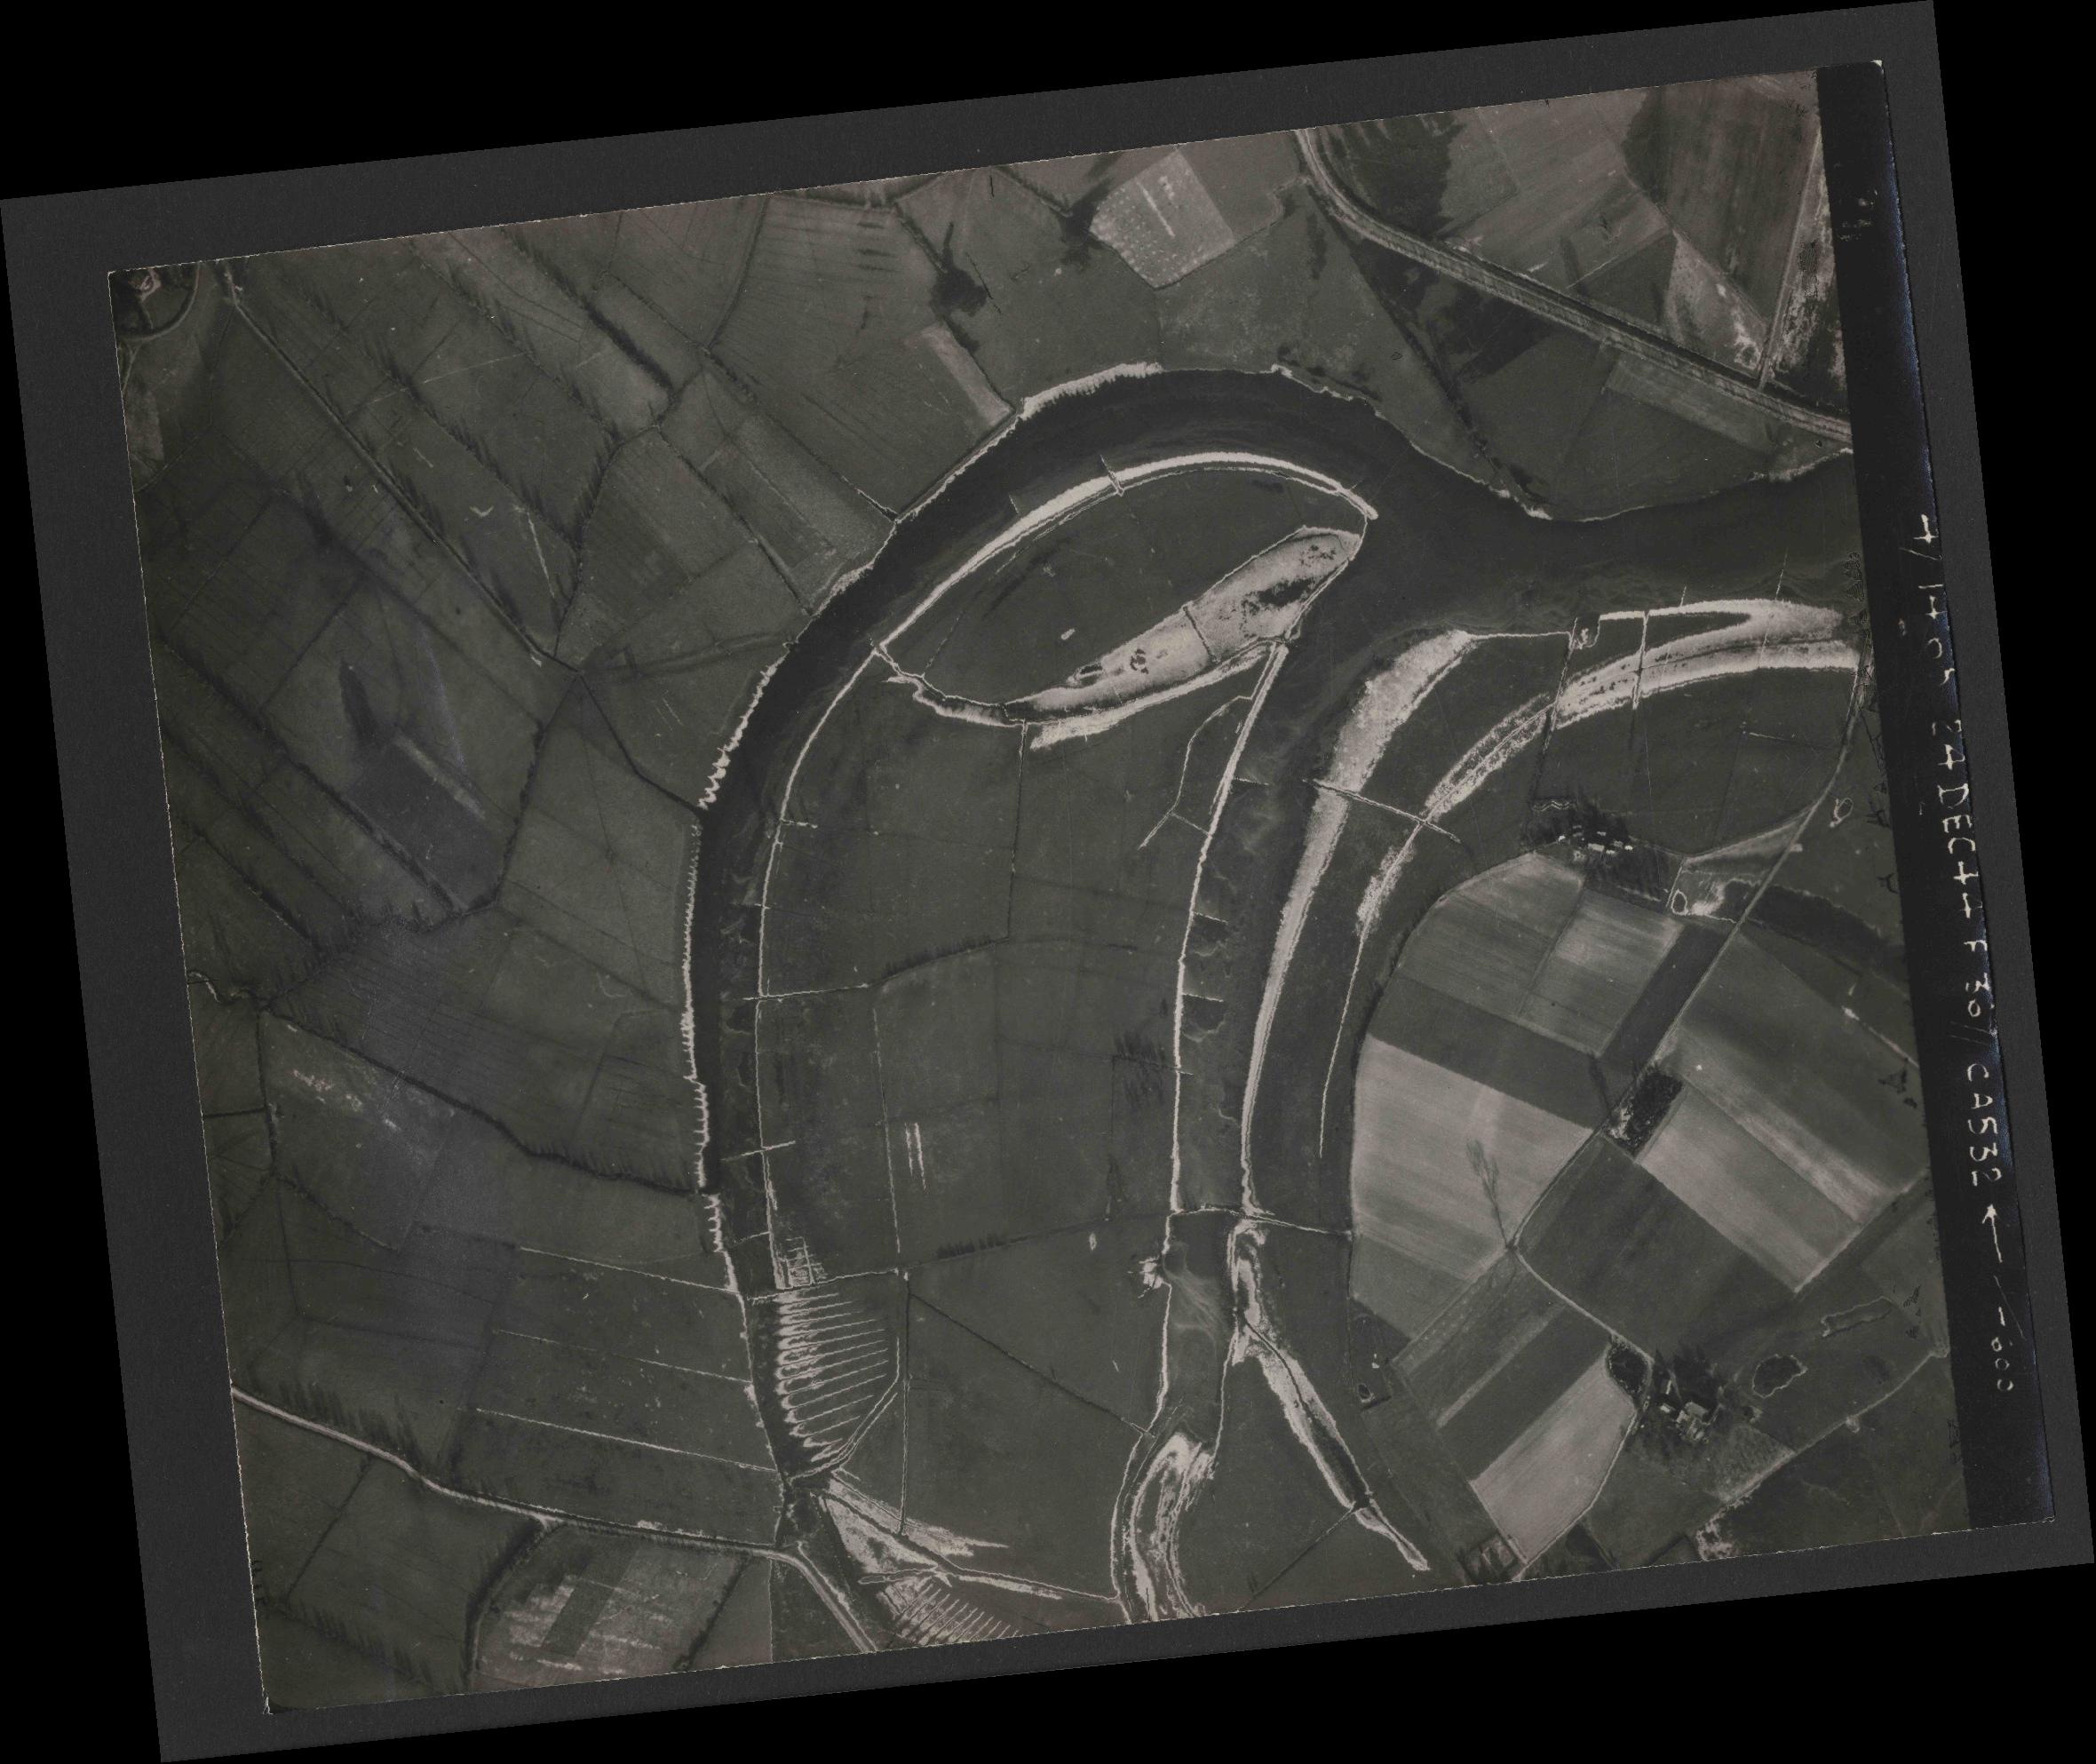 Collection RAF aerial photos 1940-1945 - flight 304, run 02, photo 4126